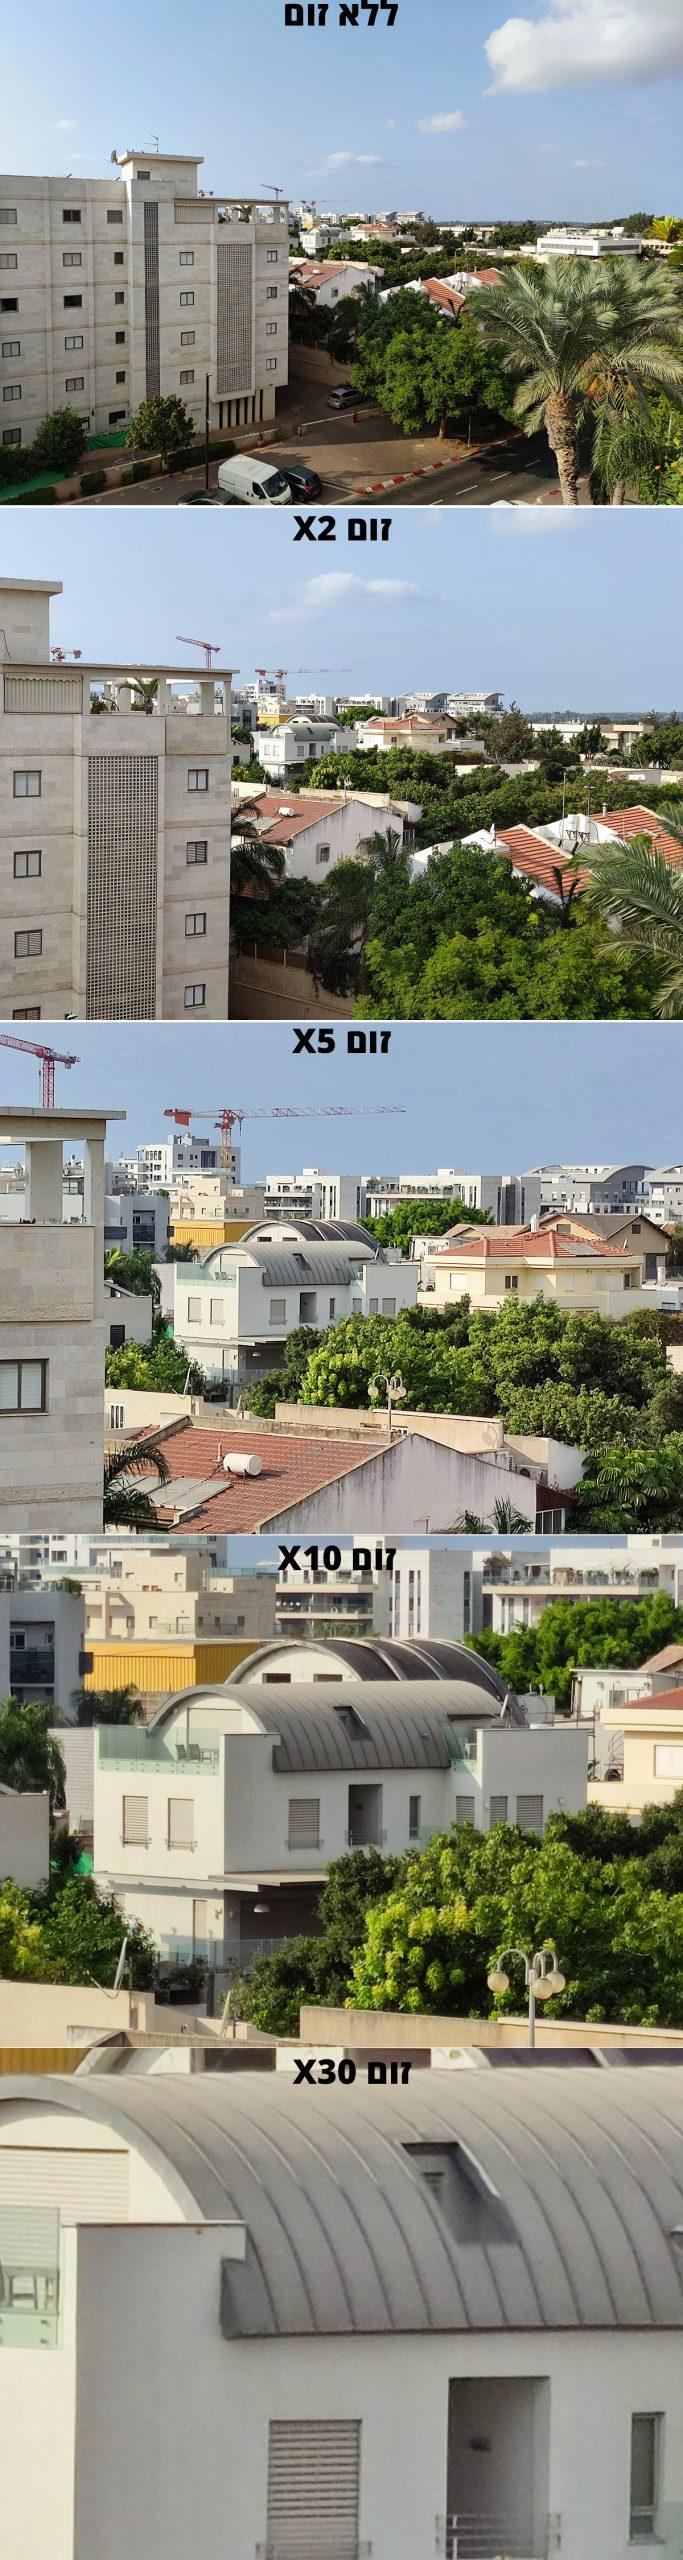 השוואת רמות זום דיגיטלי (צילום: רונן מנדזיצקי)